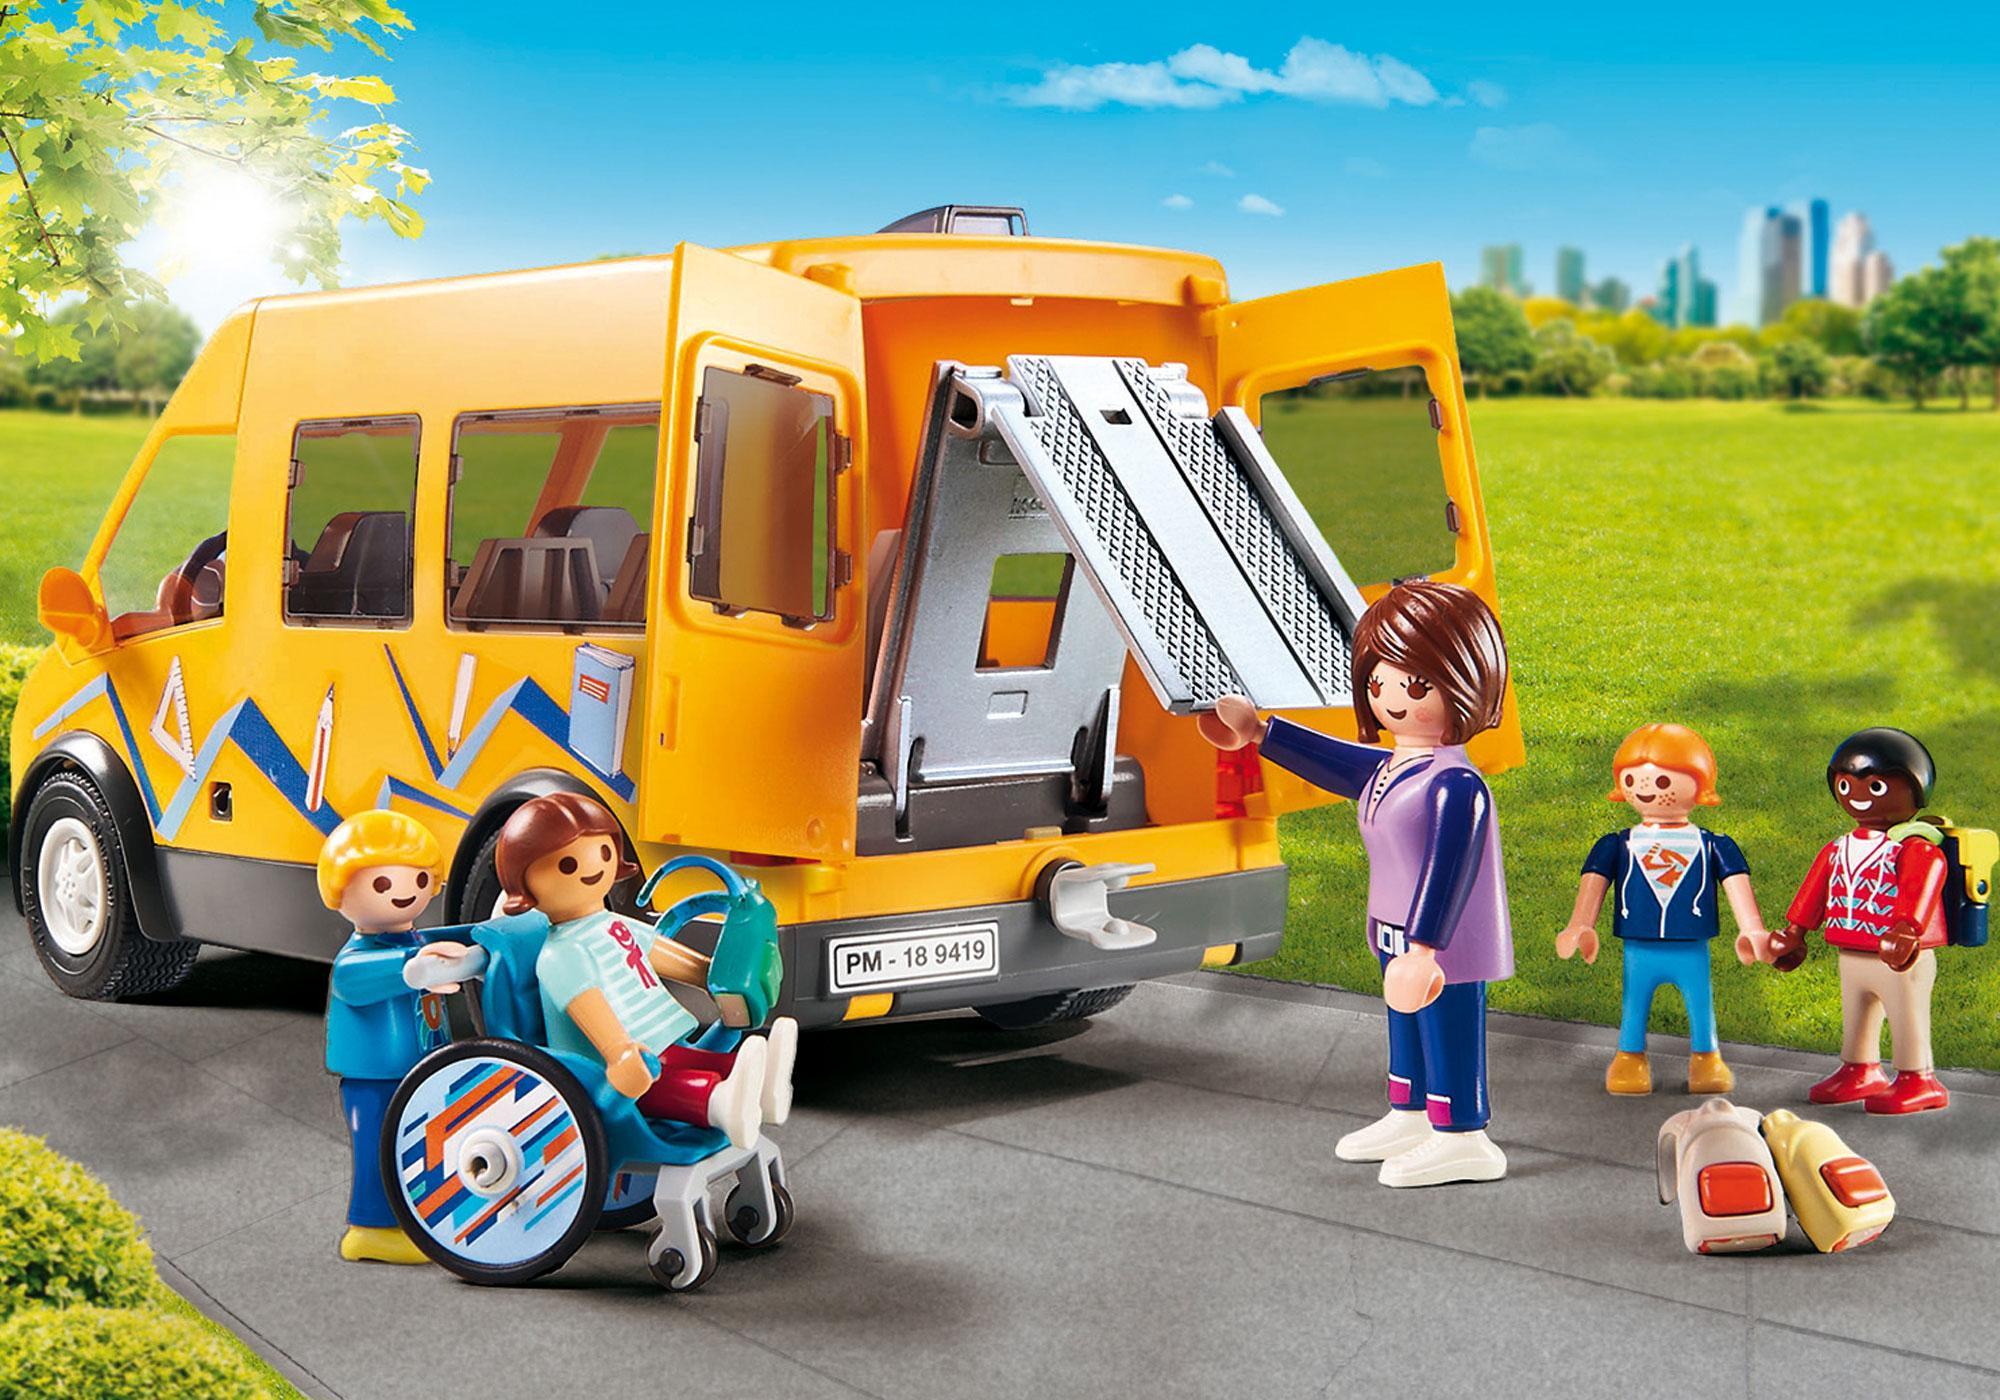 http://media.playmobil.com/i/playmobil/9419_product_extra2/Transporte Escolar